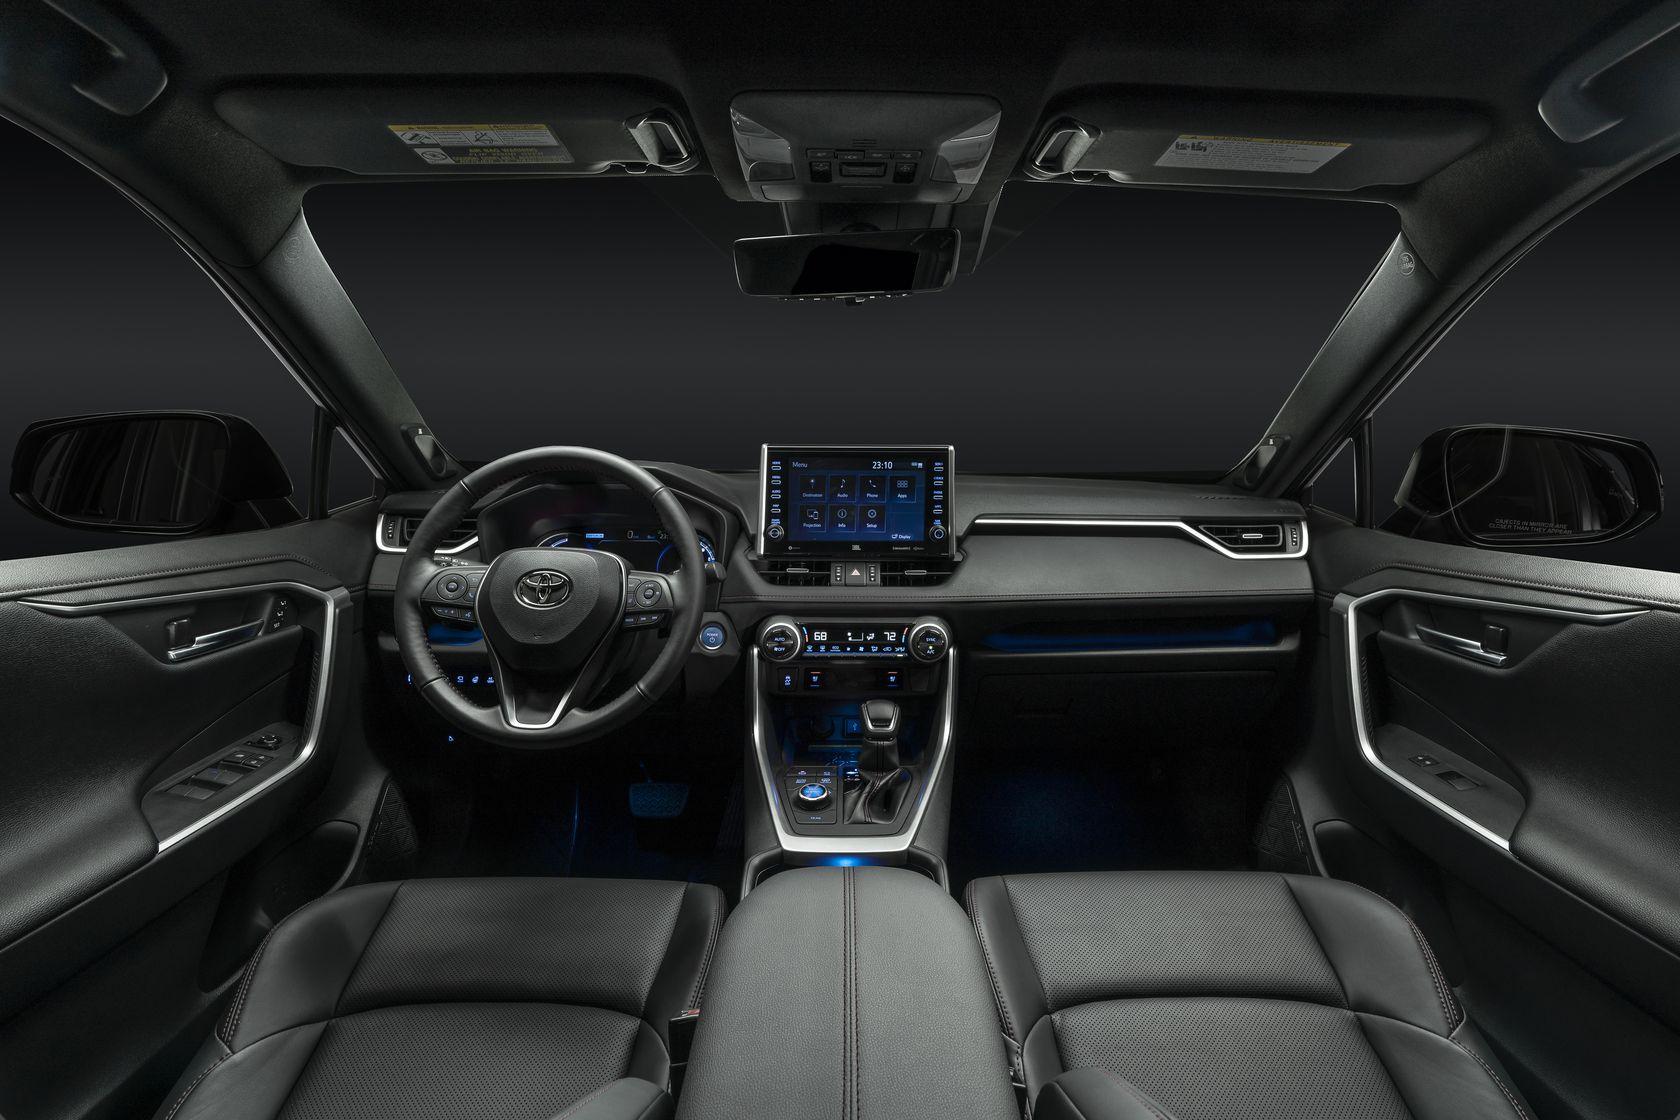 2021 RAV4-Prime Interior 05